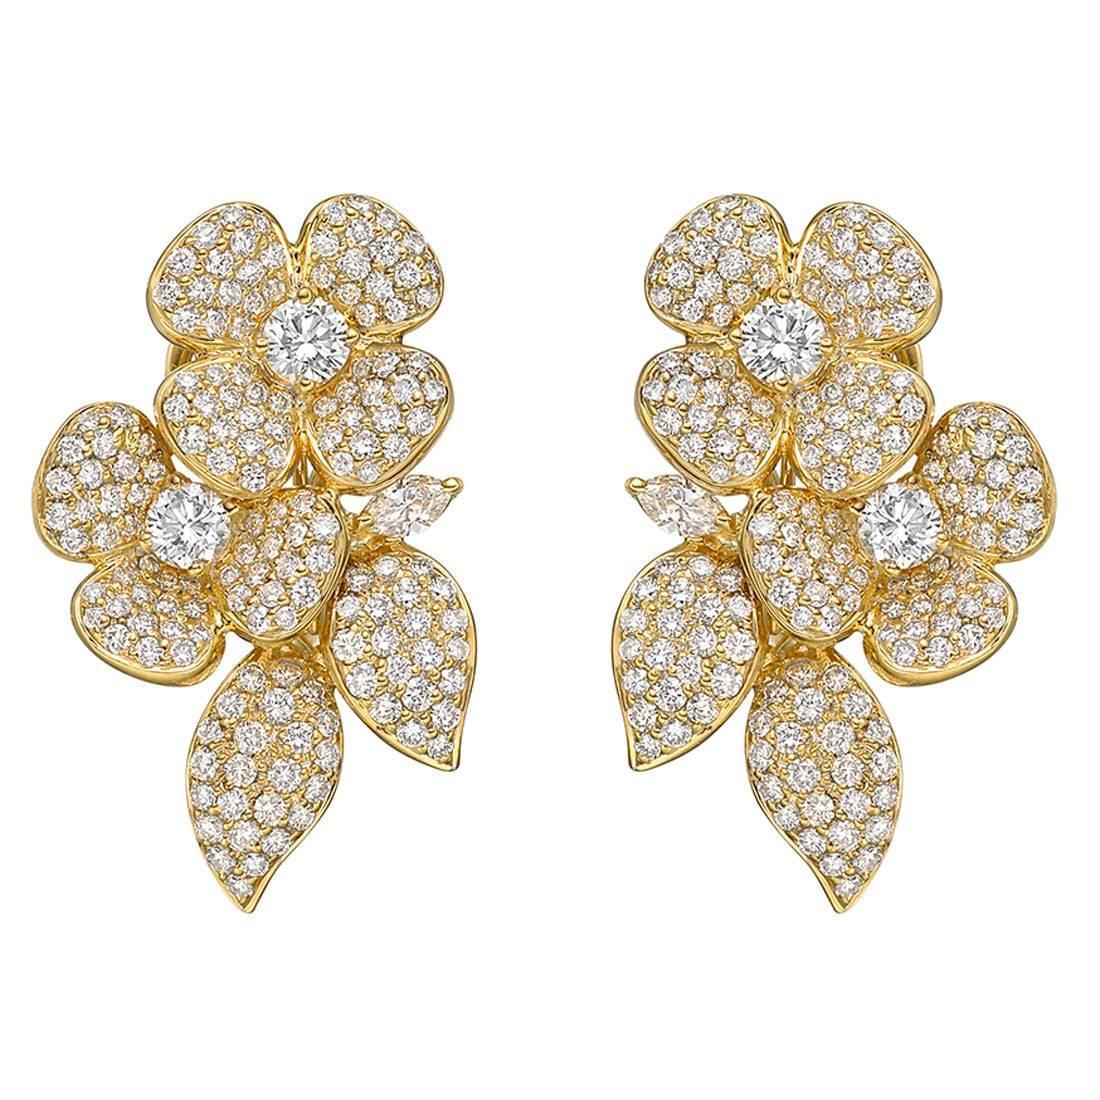 Pavé Diamond Gold Double Flower Earrings at 1stdibs